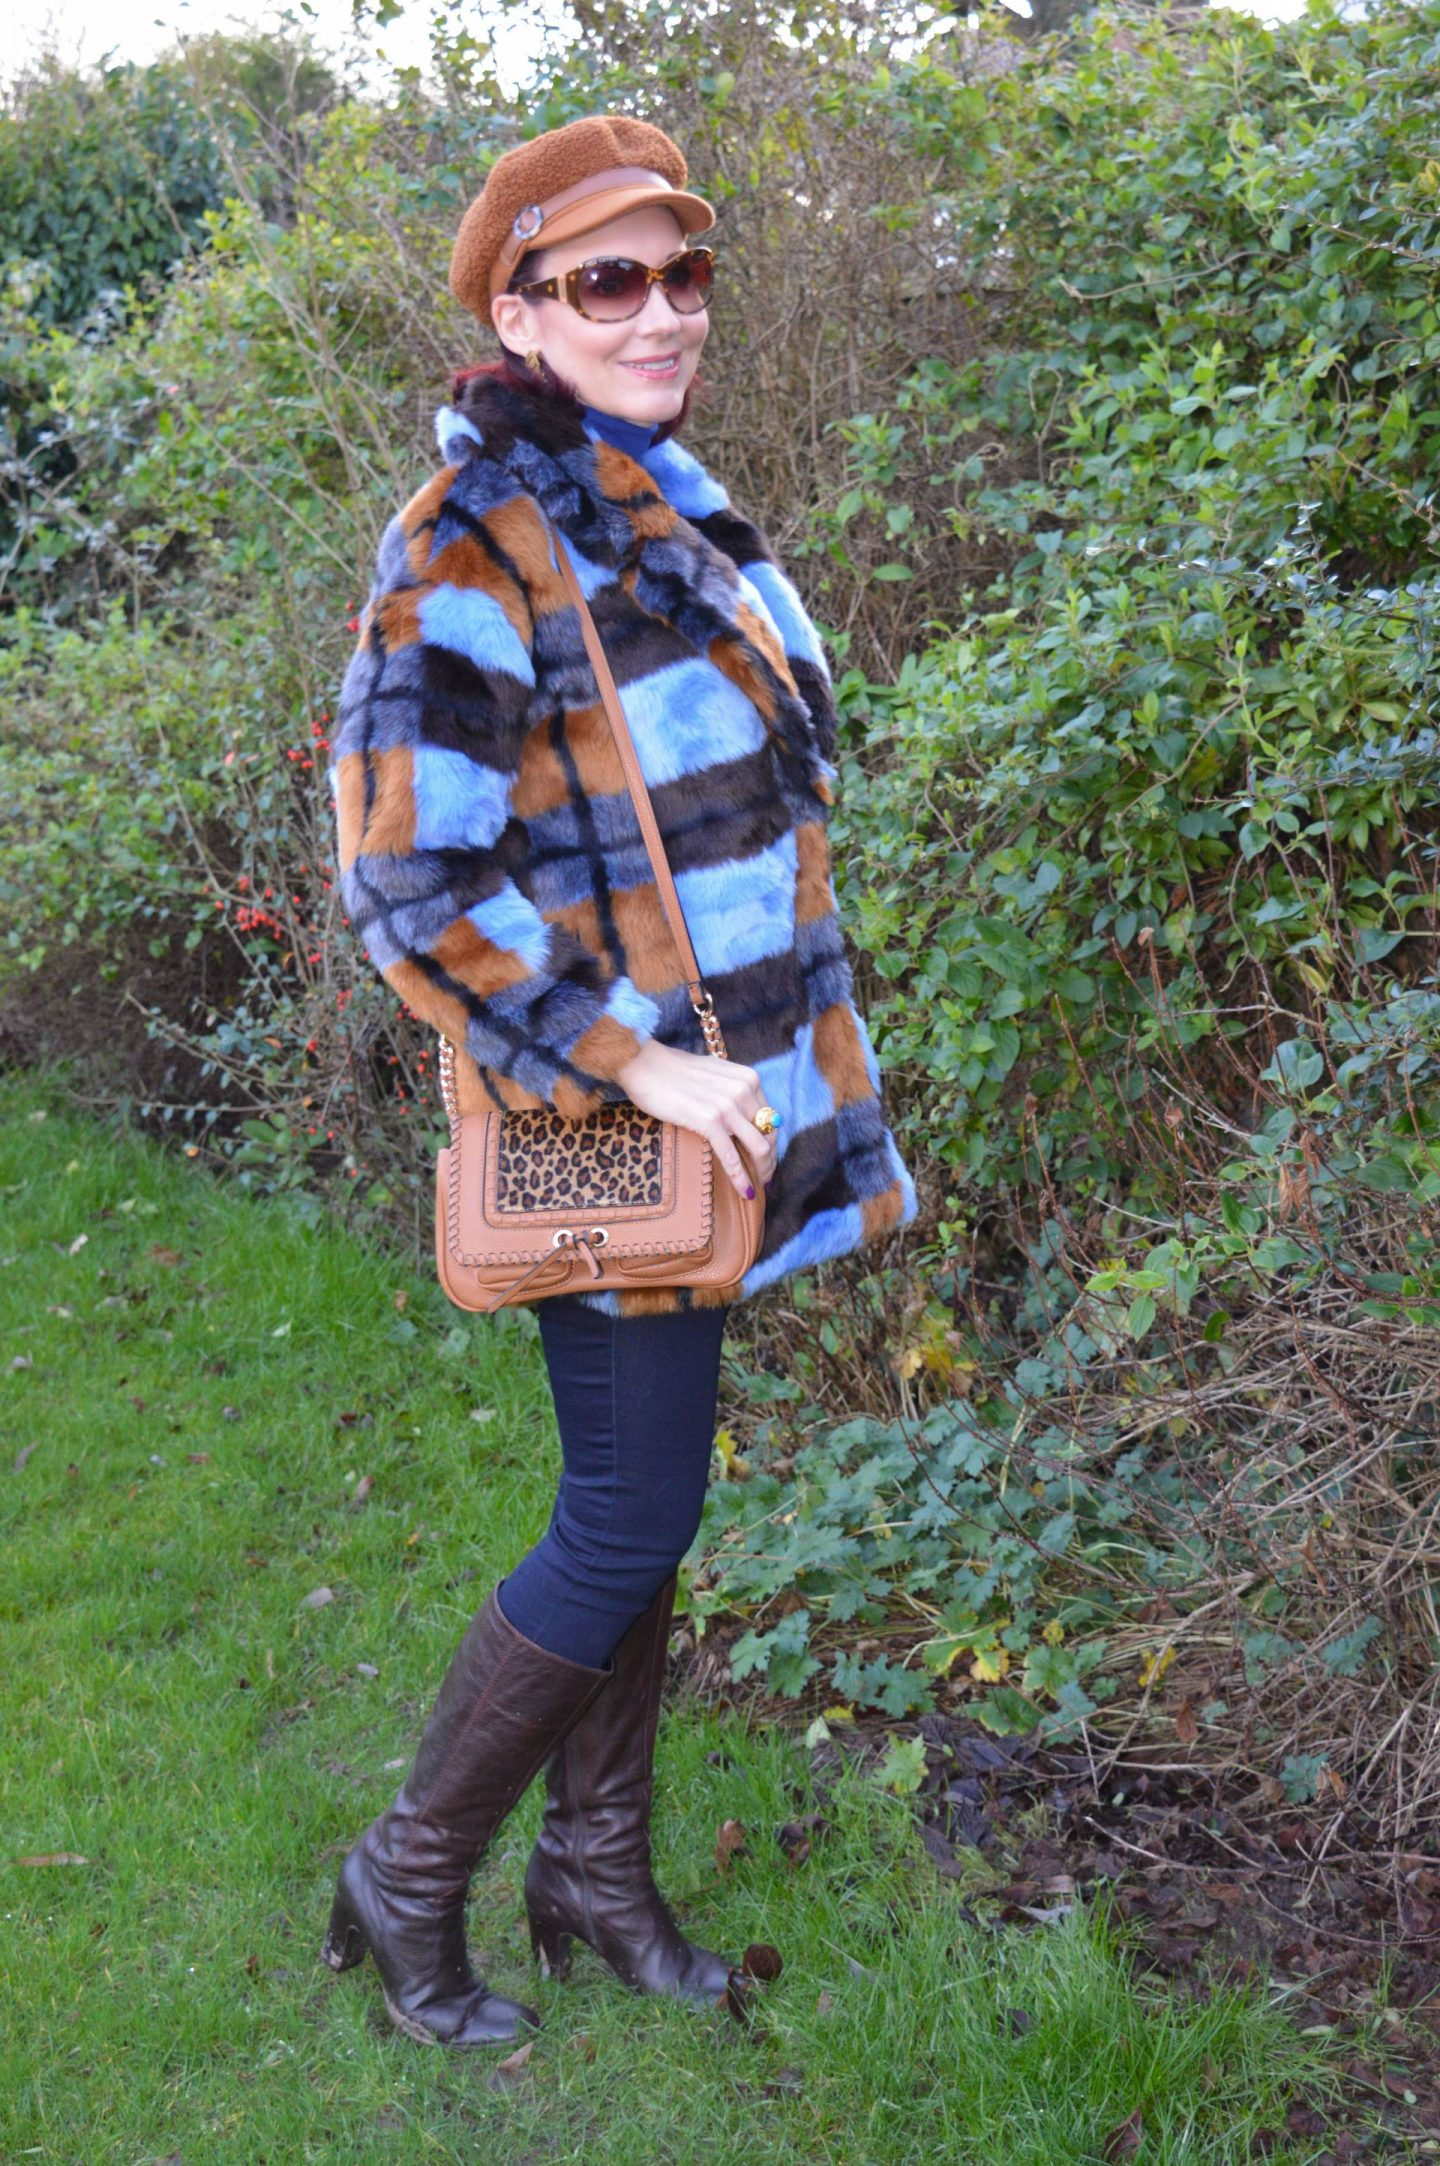 Asos faux fur coat, Scottage leopard print bag, Marks & Spencer brown baker boy hat